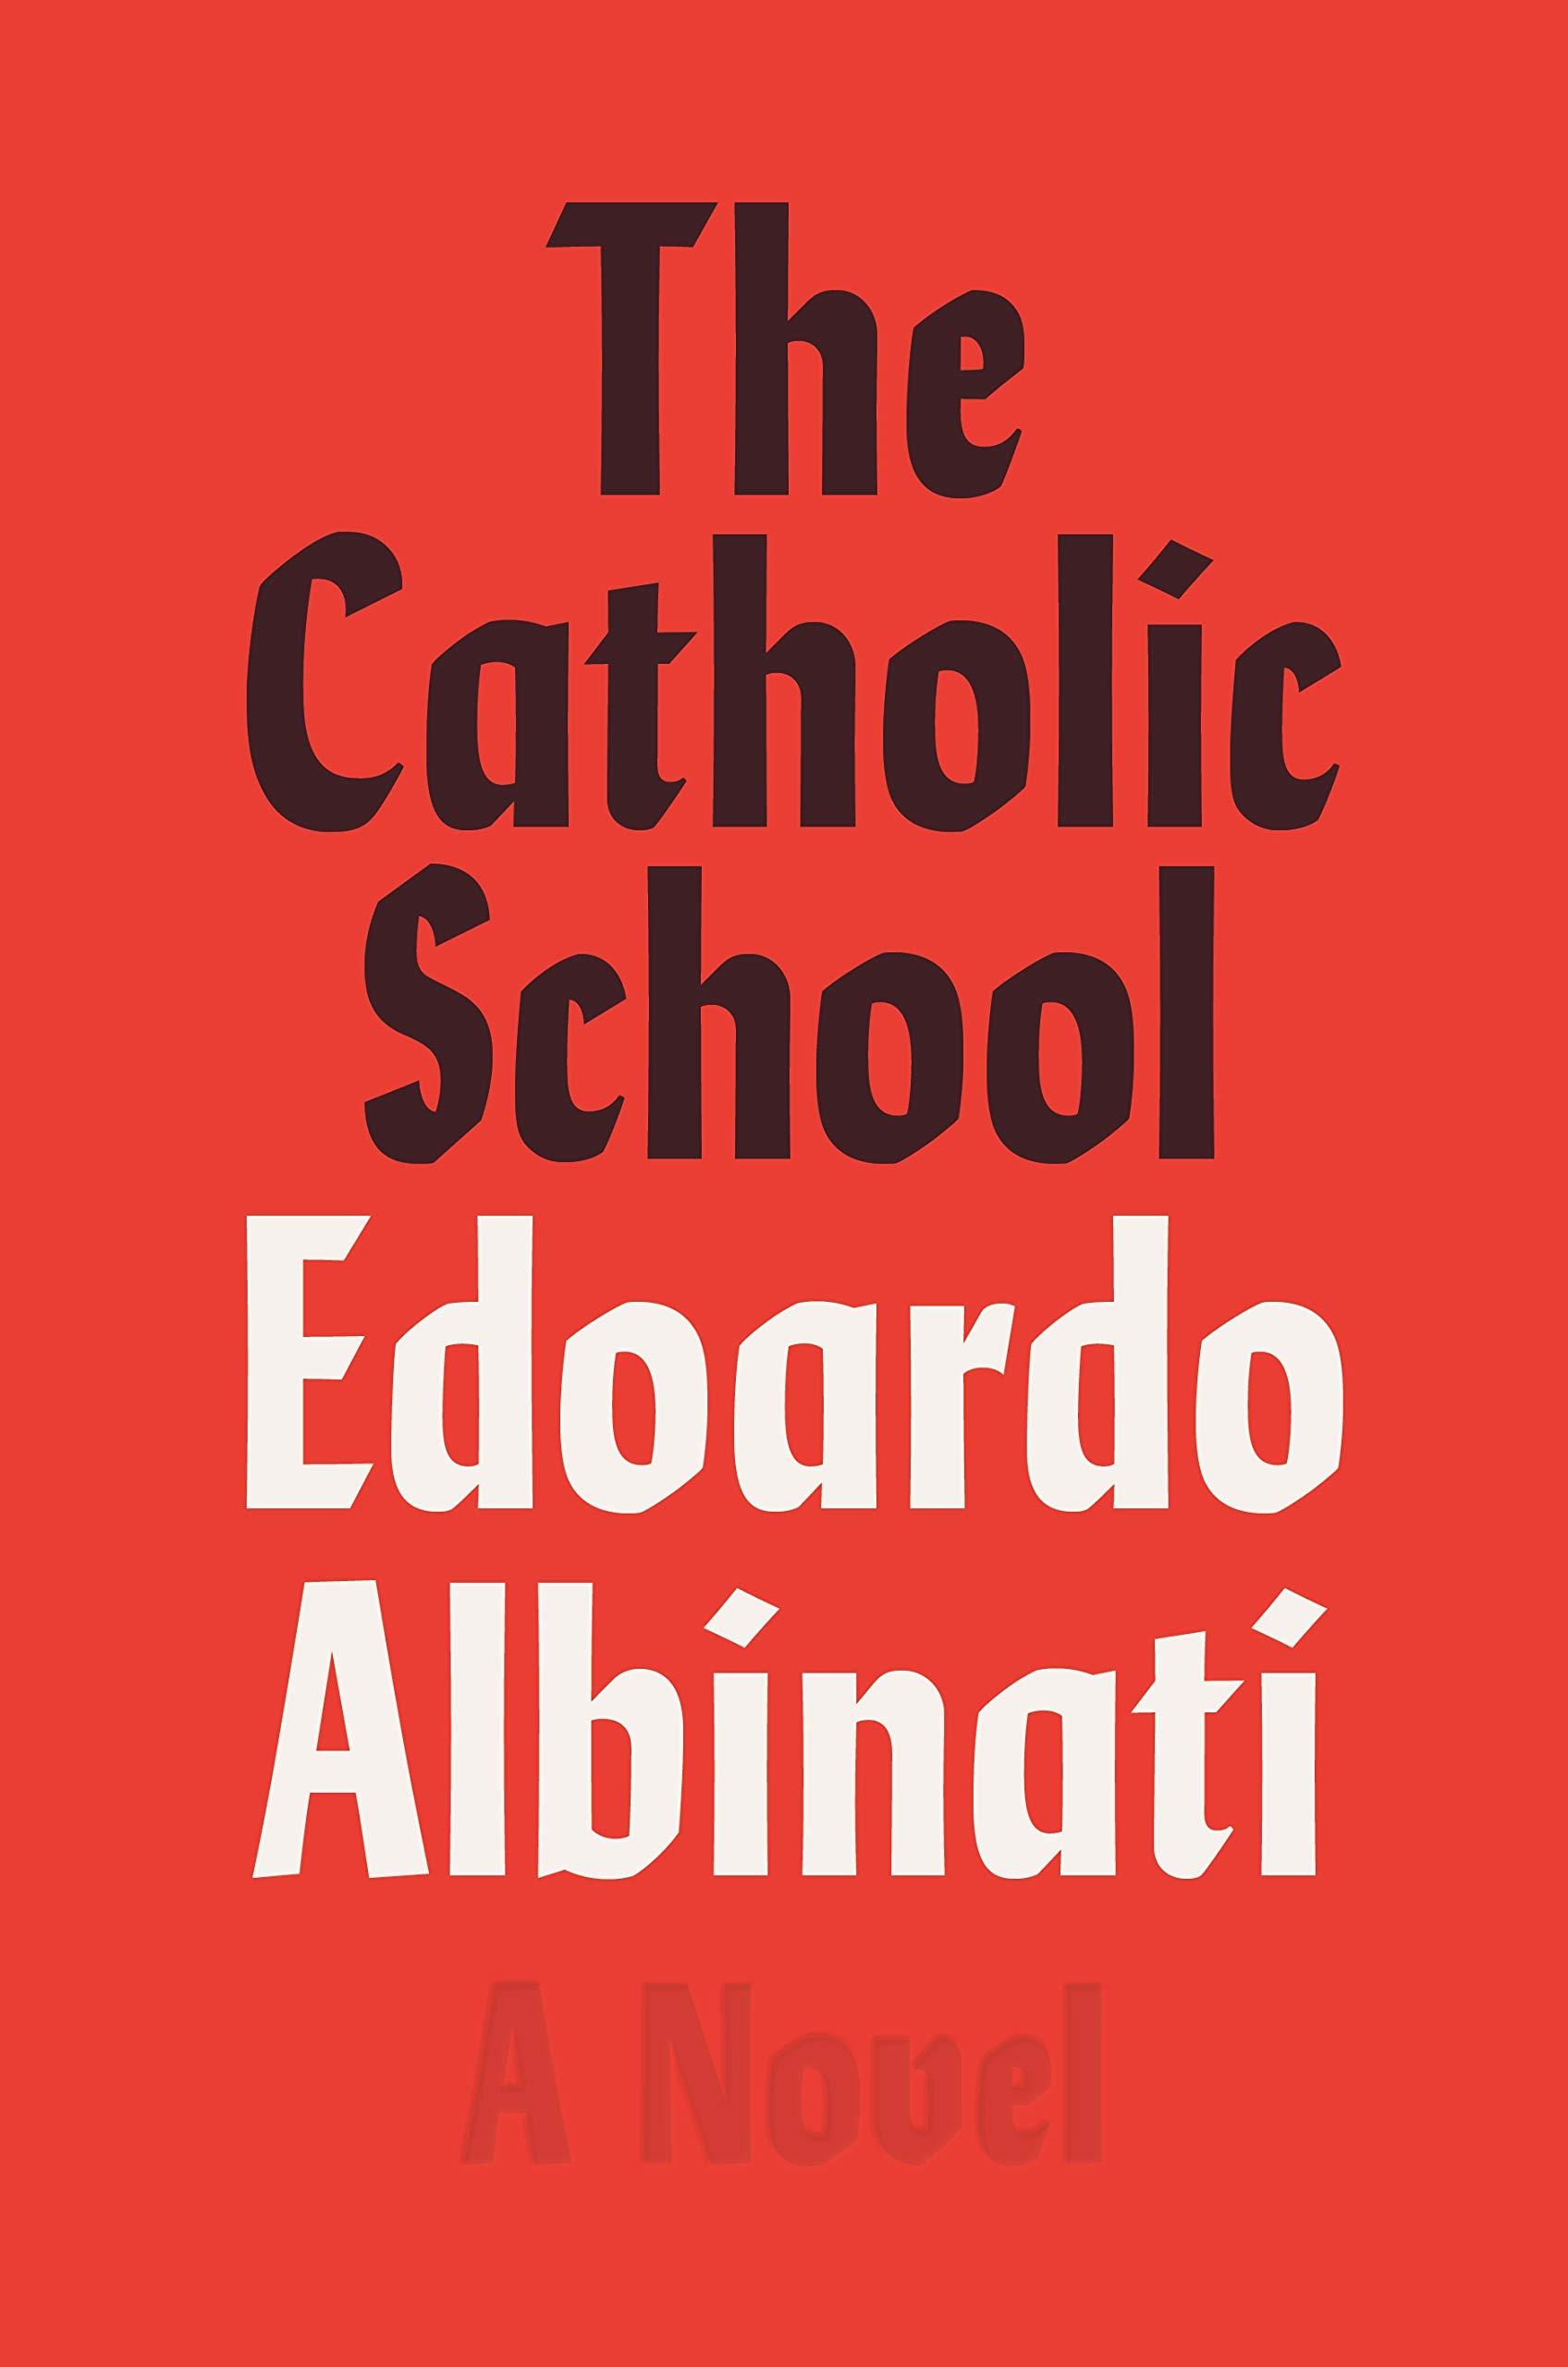 Slikovni rezultat za Edoardo Albinati, The Catholic School